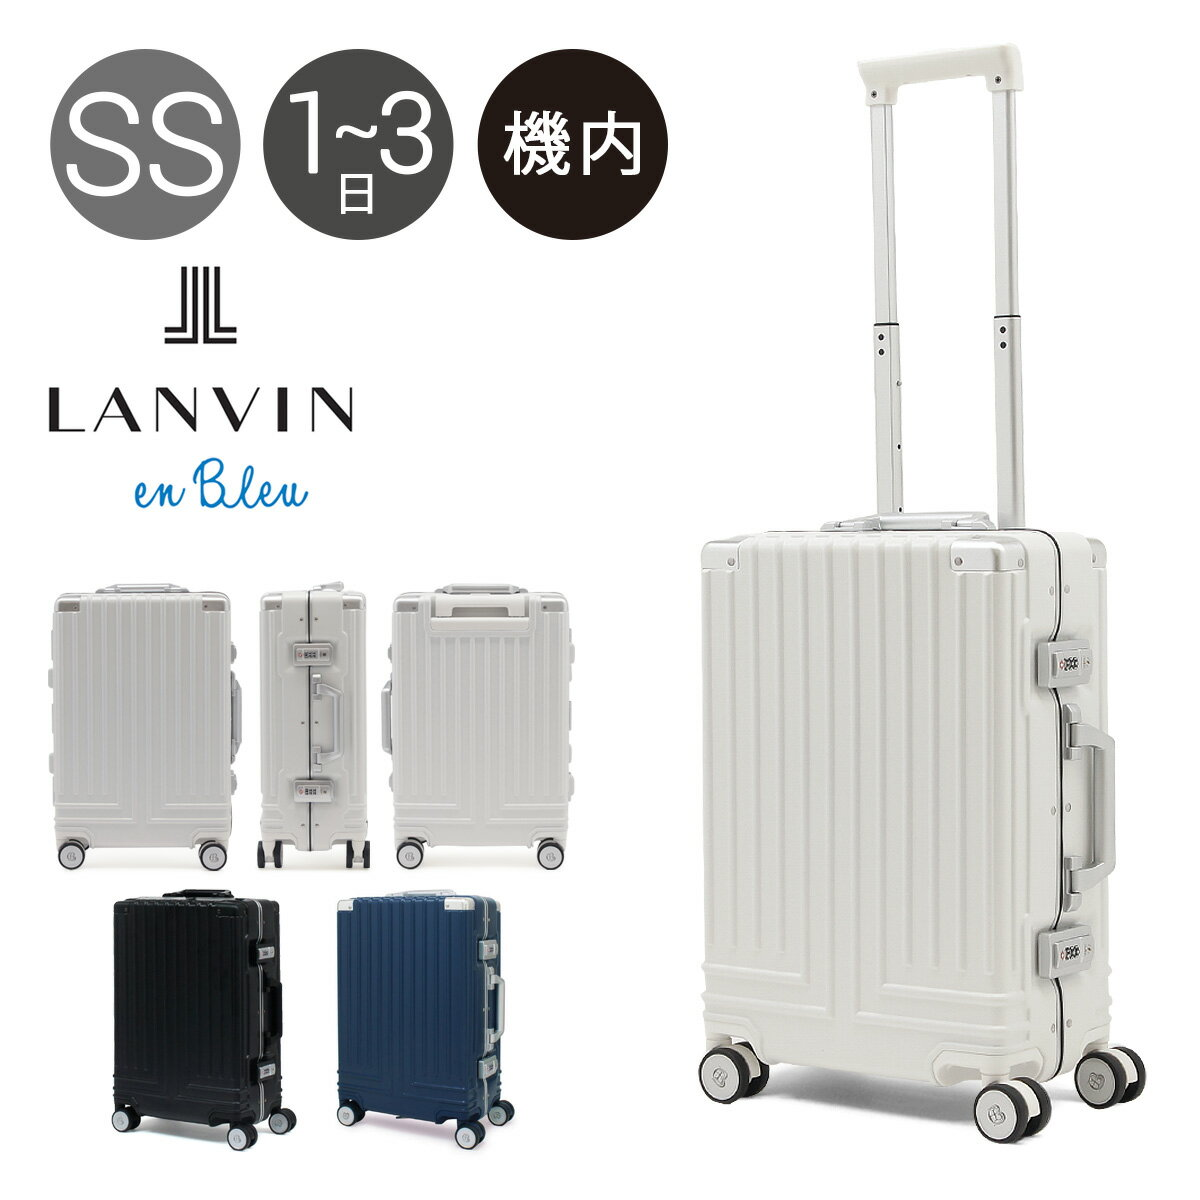 ランバンオンブルー スーツケース 27L 49cm 3.5kg ハード フレーム 機内持ち込み ヴィラージュ 595311 キャリーケース 軽量 TSAロック搭載 4輪 LANVIN en Bleu [bef][即日発送]